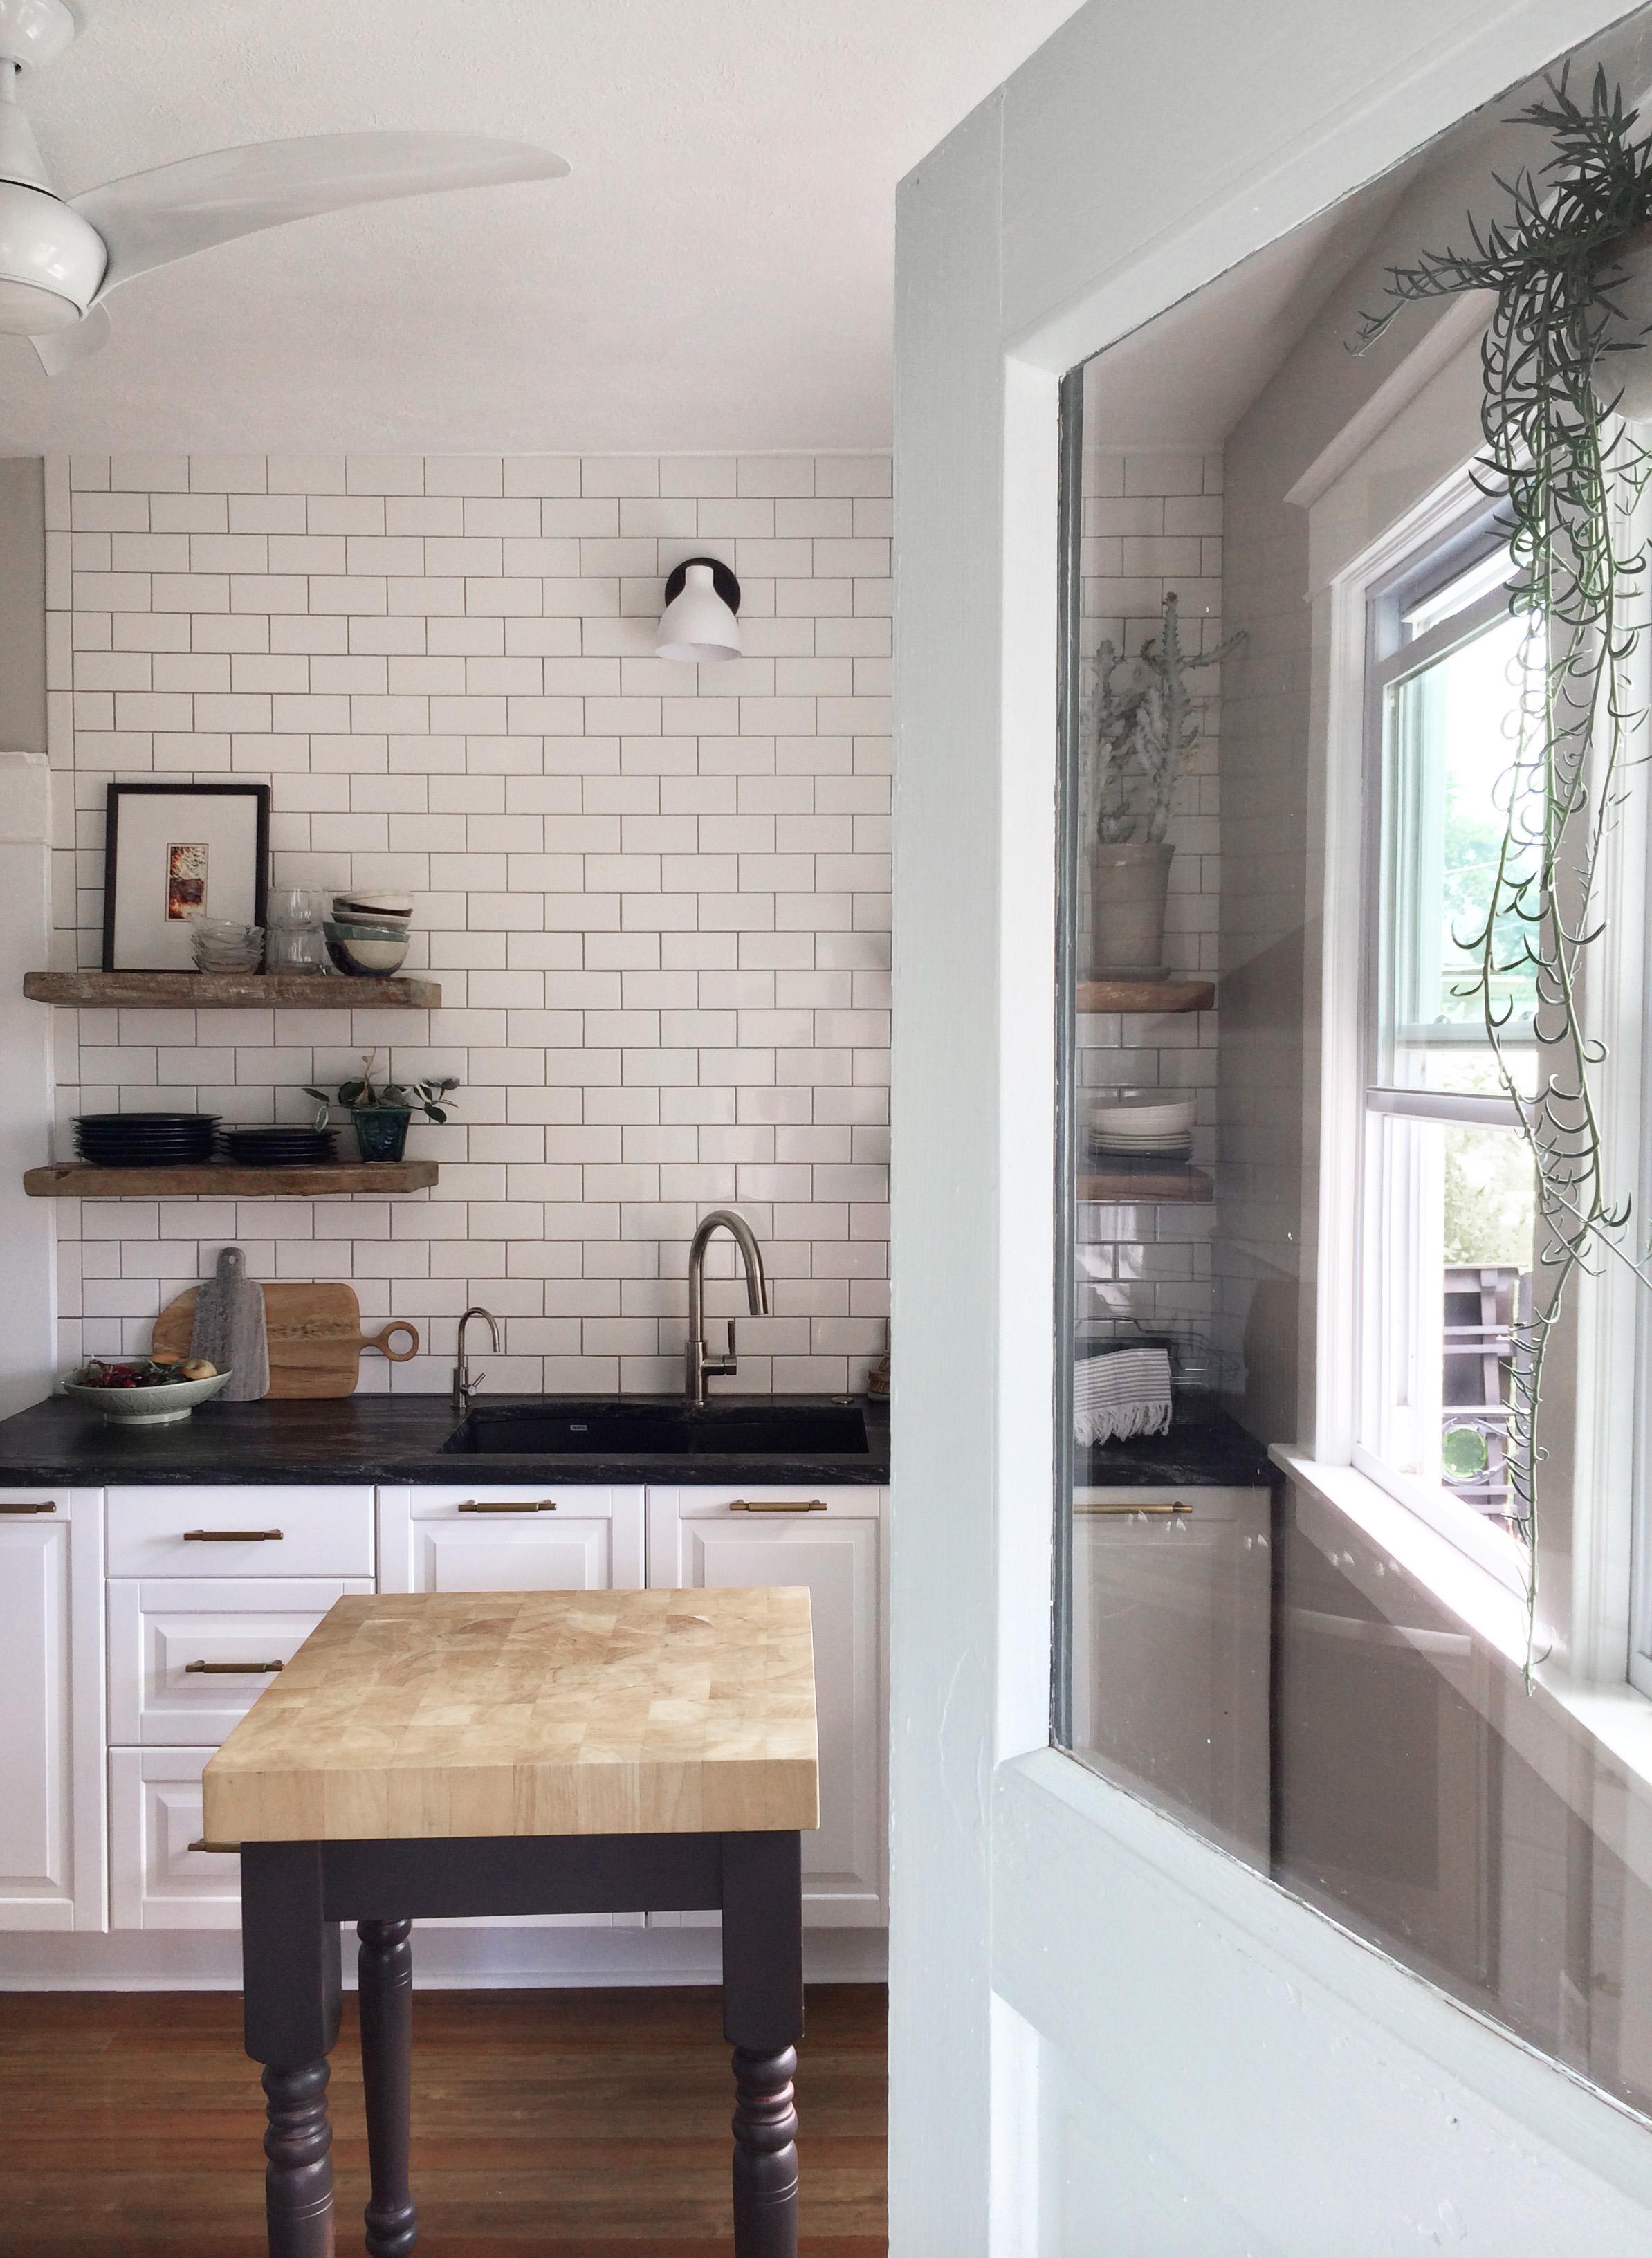 kitchen_after7.jpg